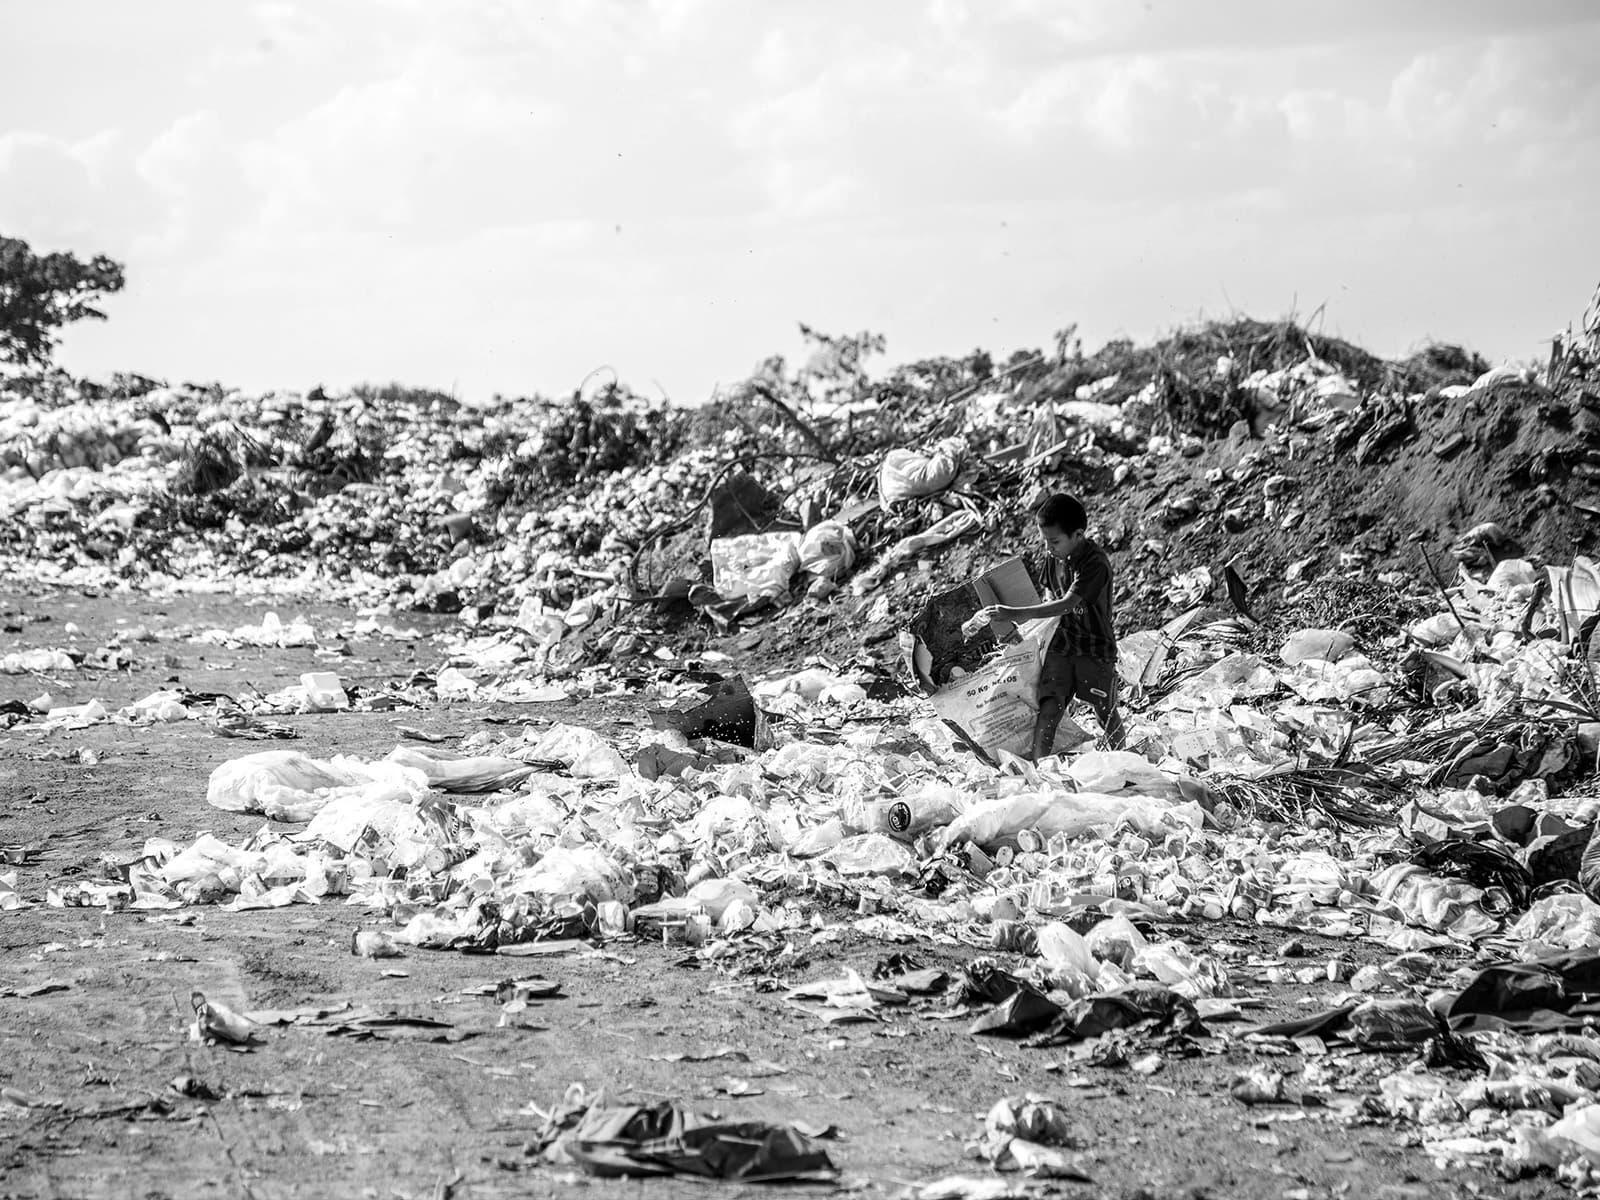 السعودية تضر البيئة والاقتصاد